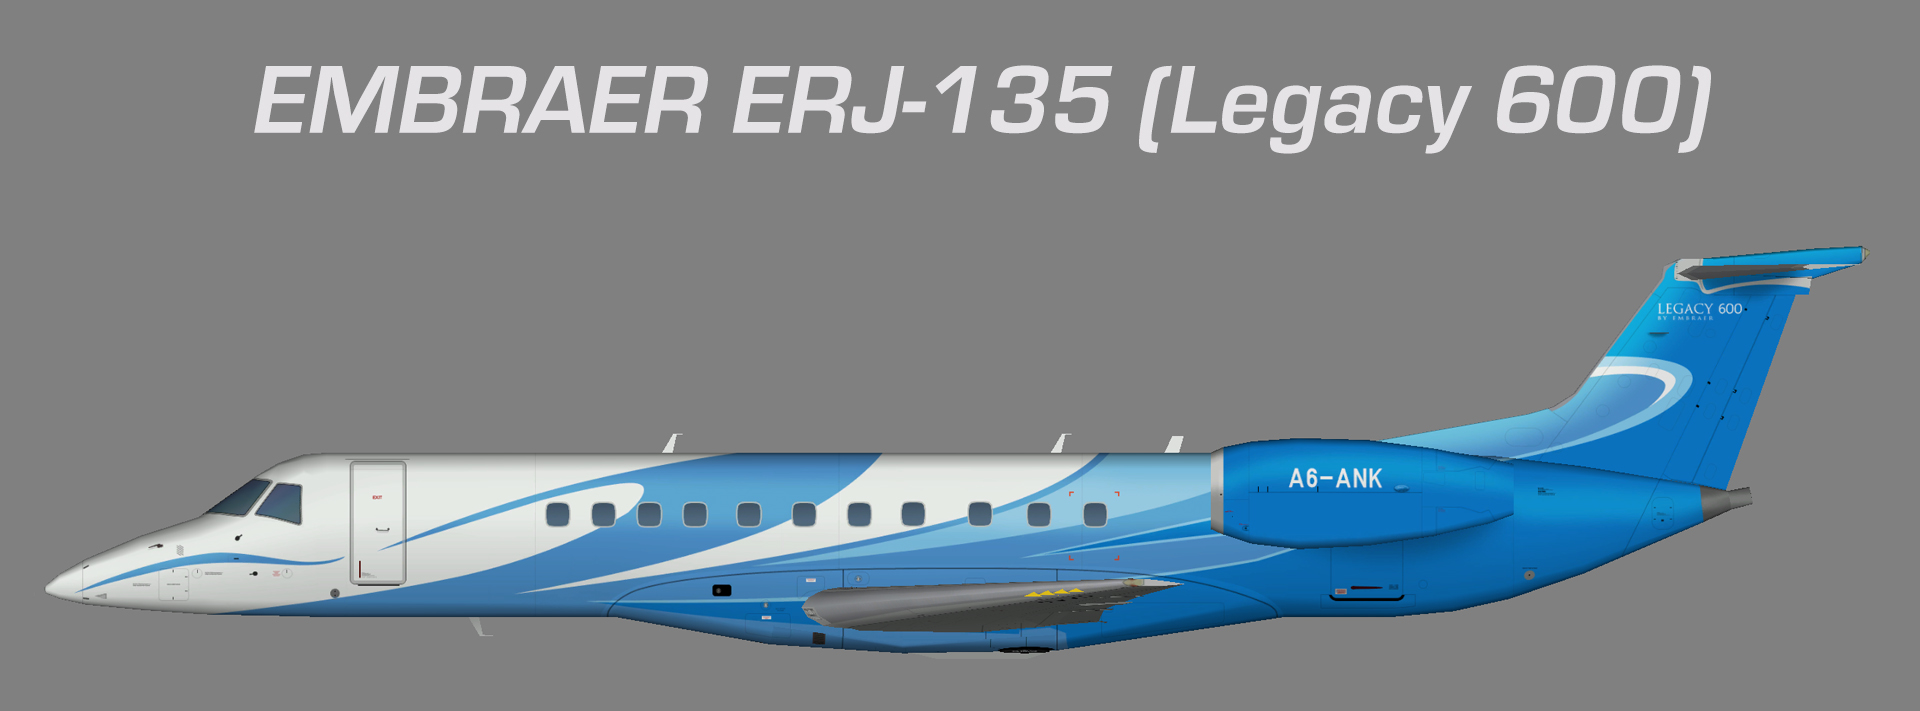 Gulf Wings ERJ-135 (Legacy 600)